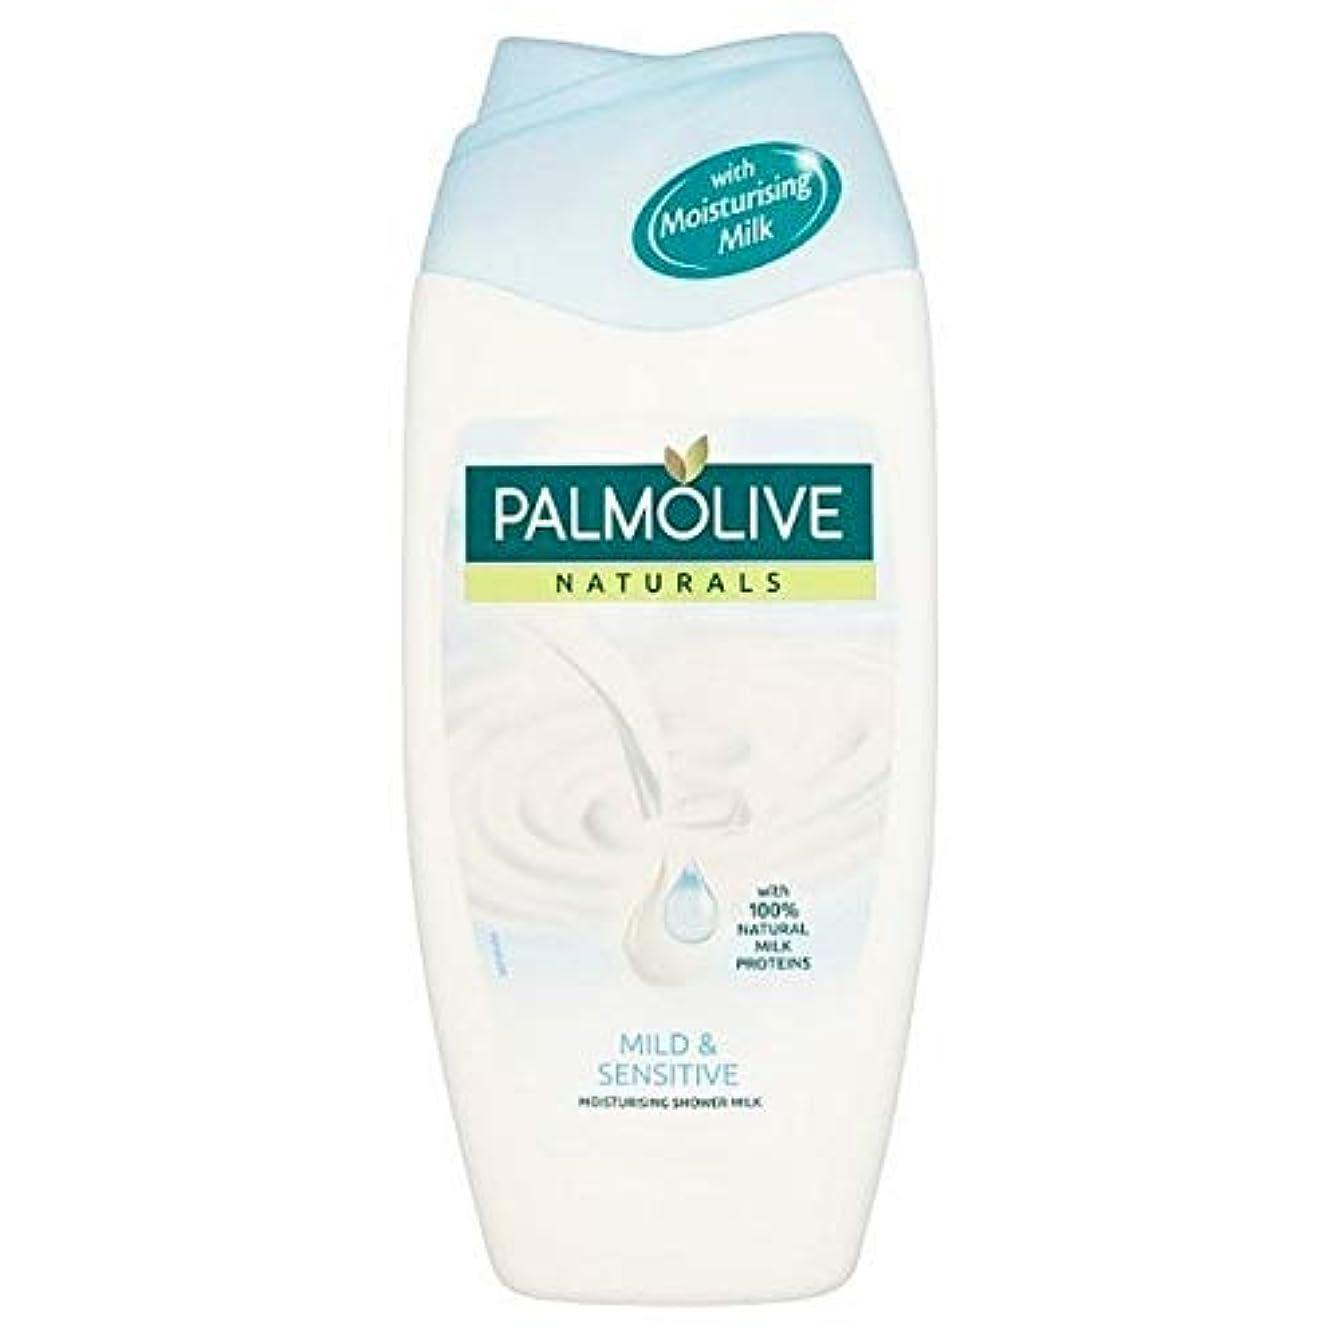 その後手紙を書くタイトル[Palmolive ] パルモライブナチュラル敏感肌シャワージェルクリーム250ミリリットル - Palmolive Naturals Sensitive Skin Shower Gel Cream 250ml [並行輸入品]